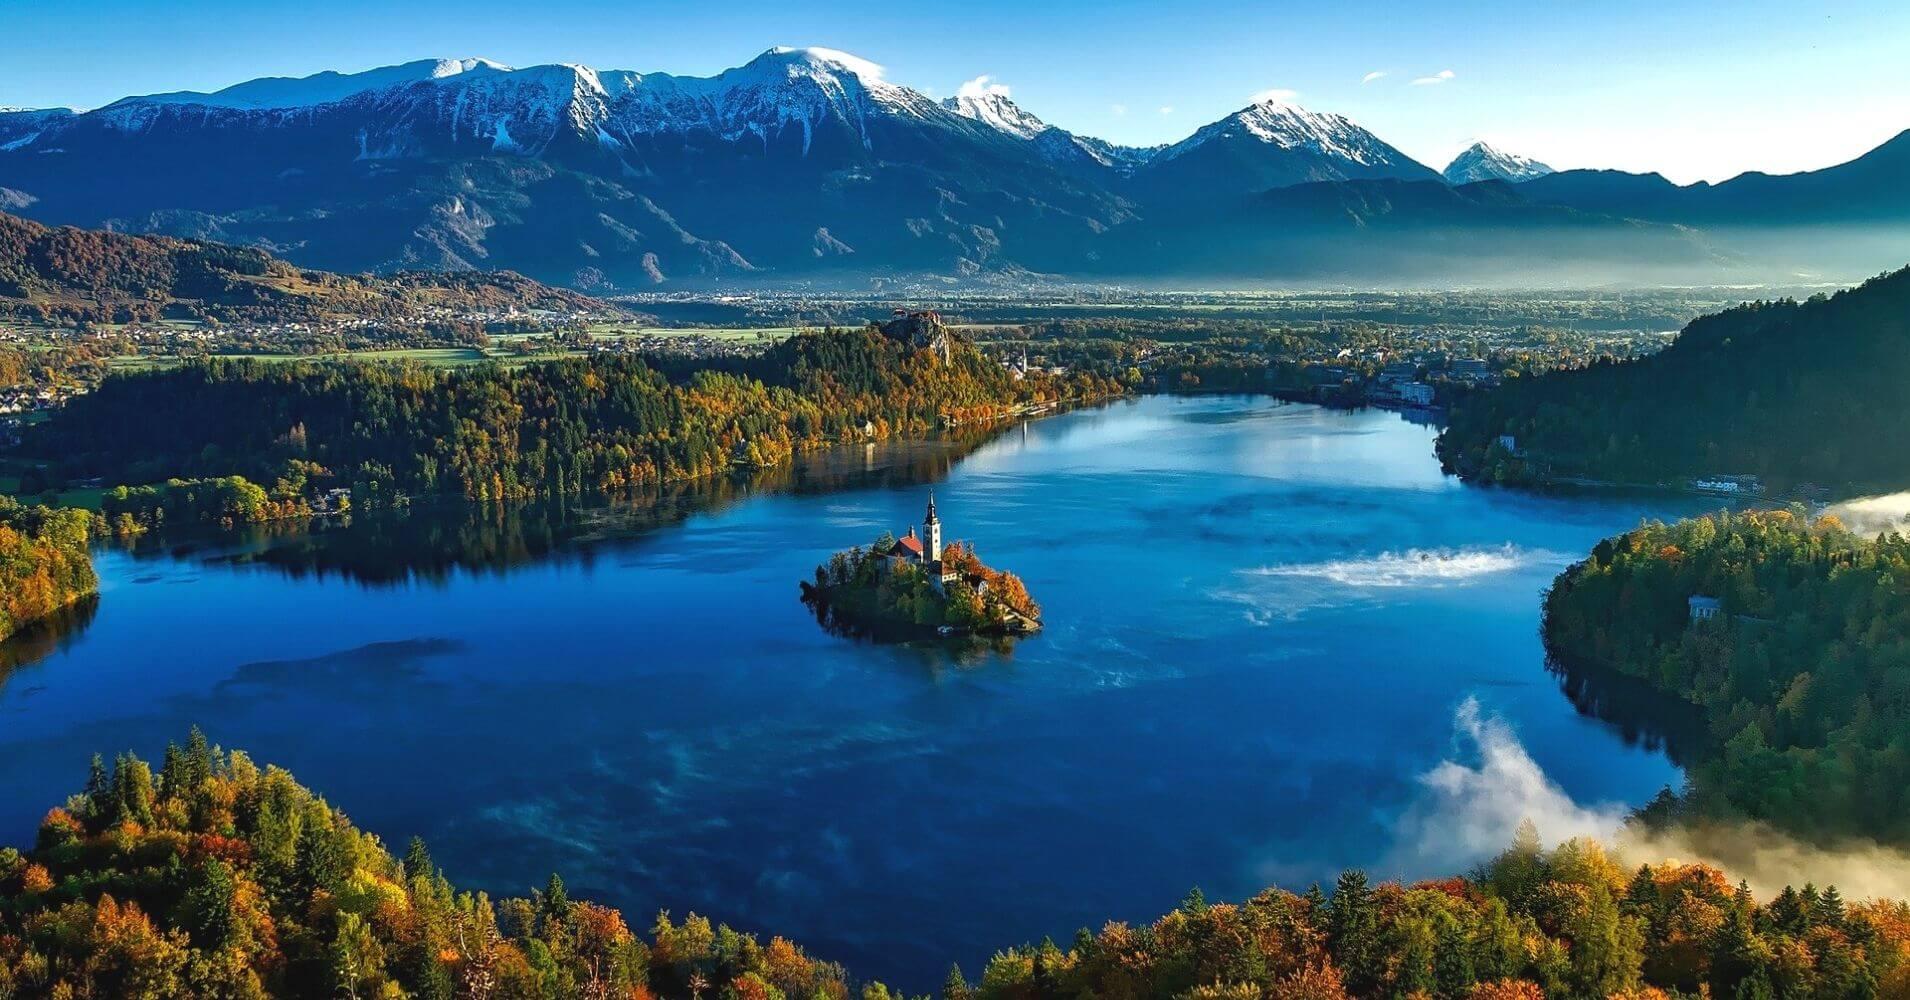 Lago e Isla de Bled. Alpes Julianos.